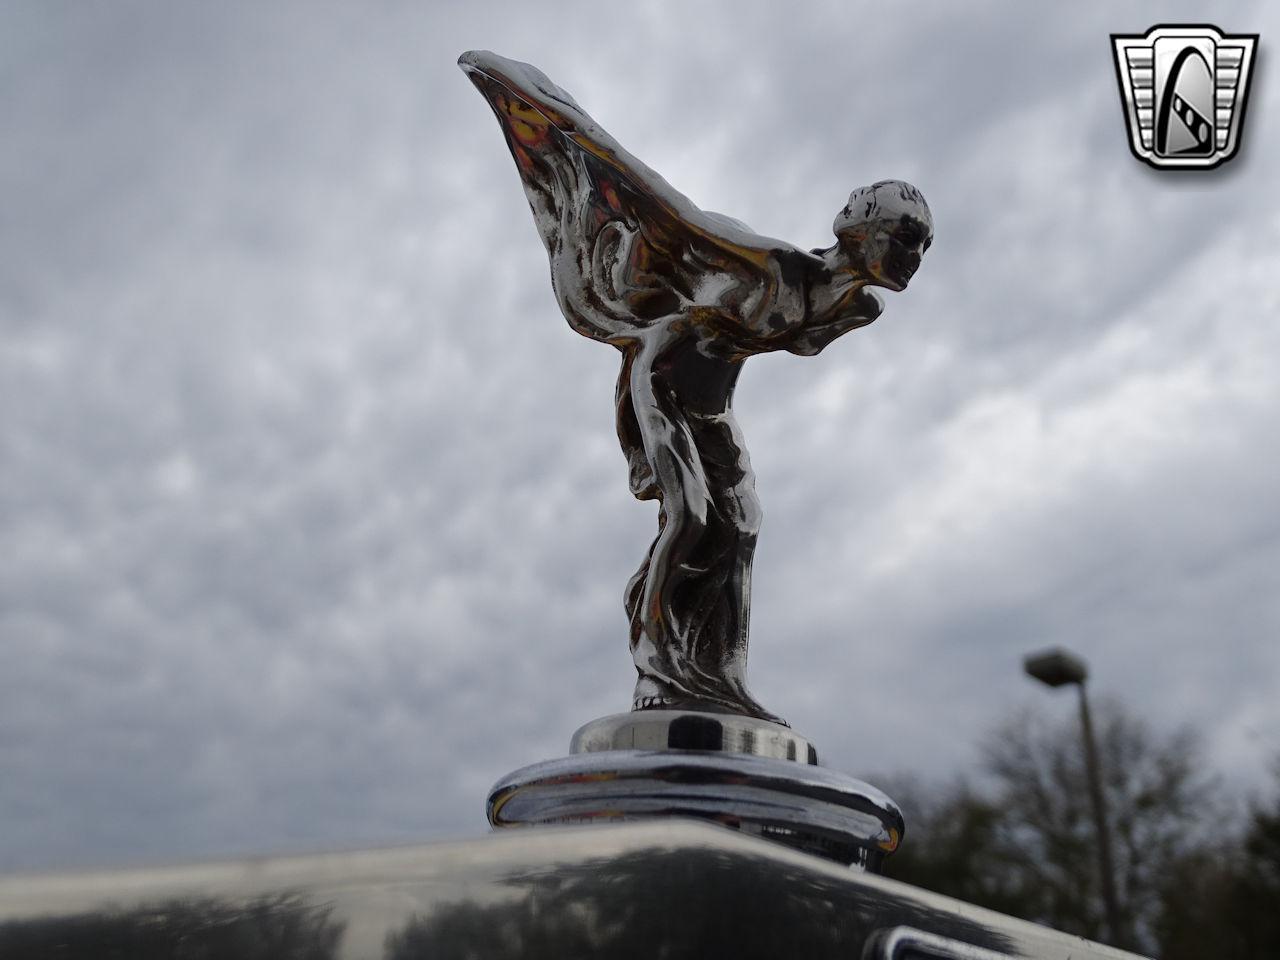 1967 Rolls Royce Silver Shadow 68